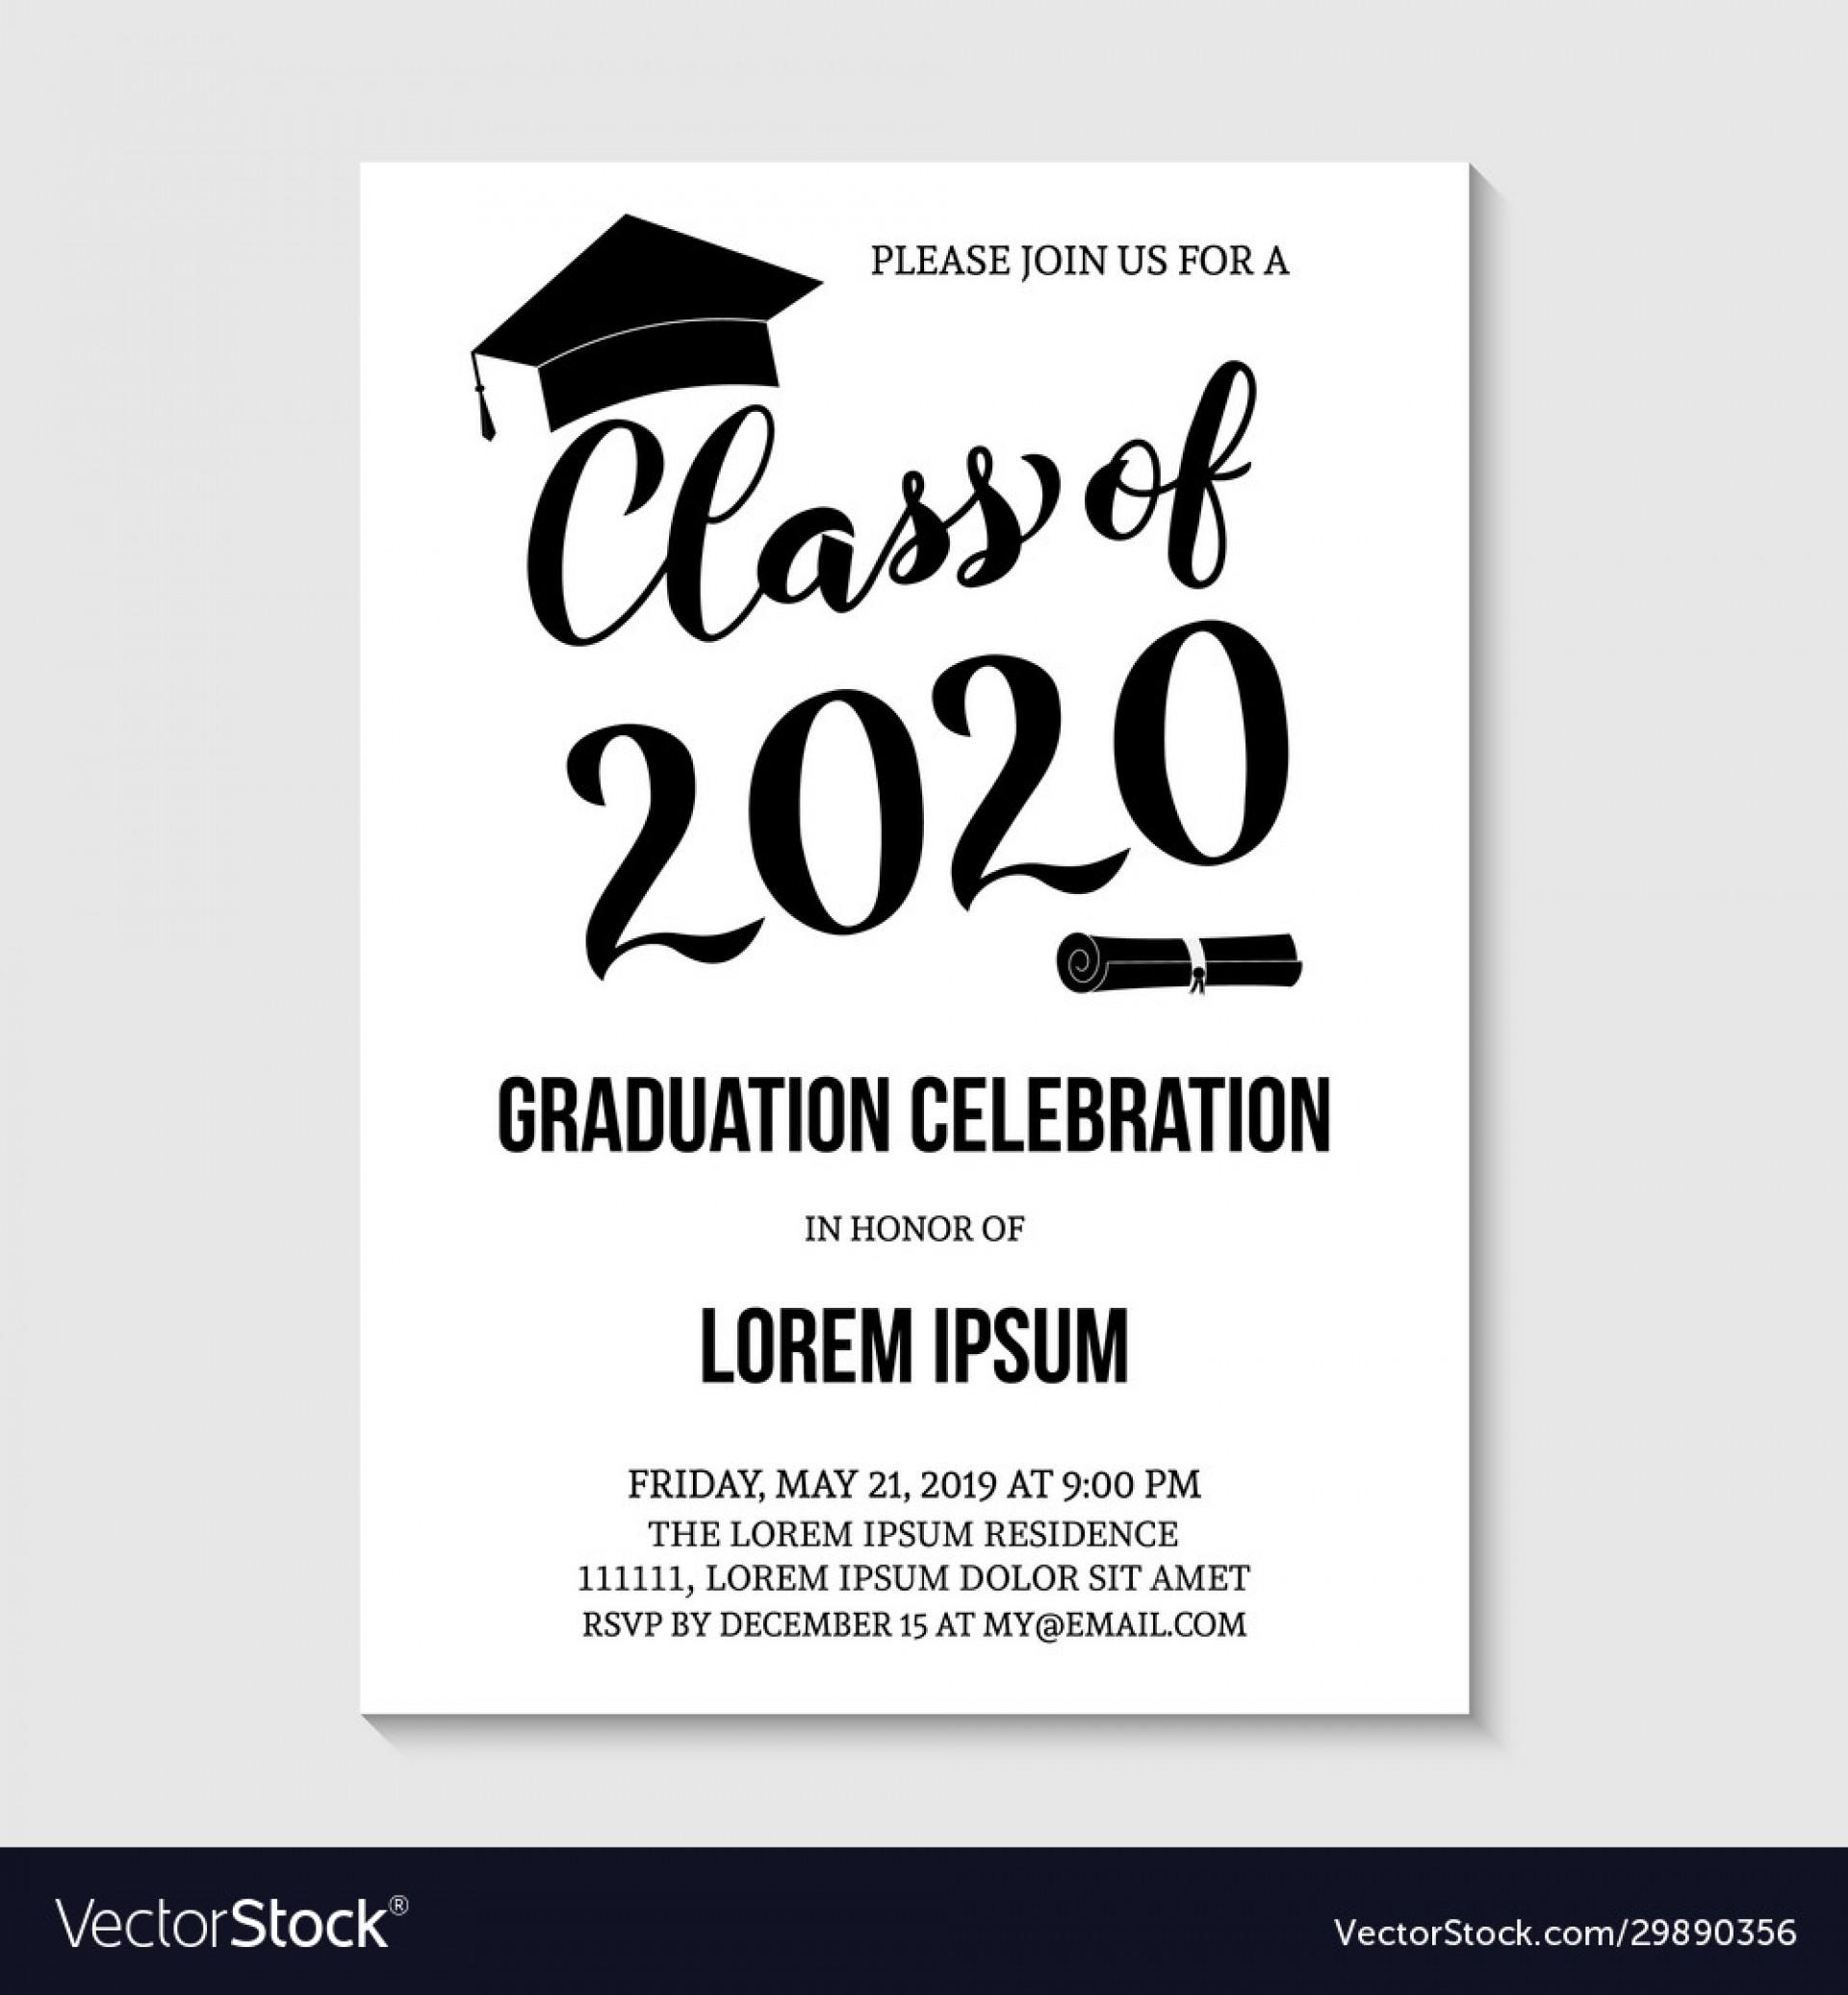 007 Impressive Graduation Party Invitation Template Concept  Microsoft Word 4 Per Page1920